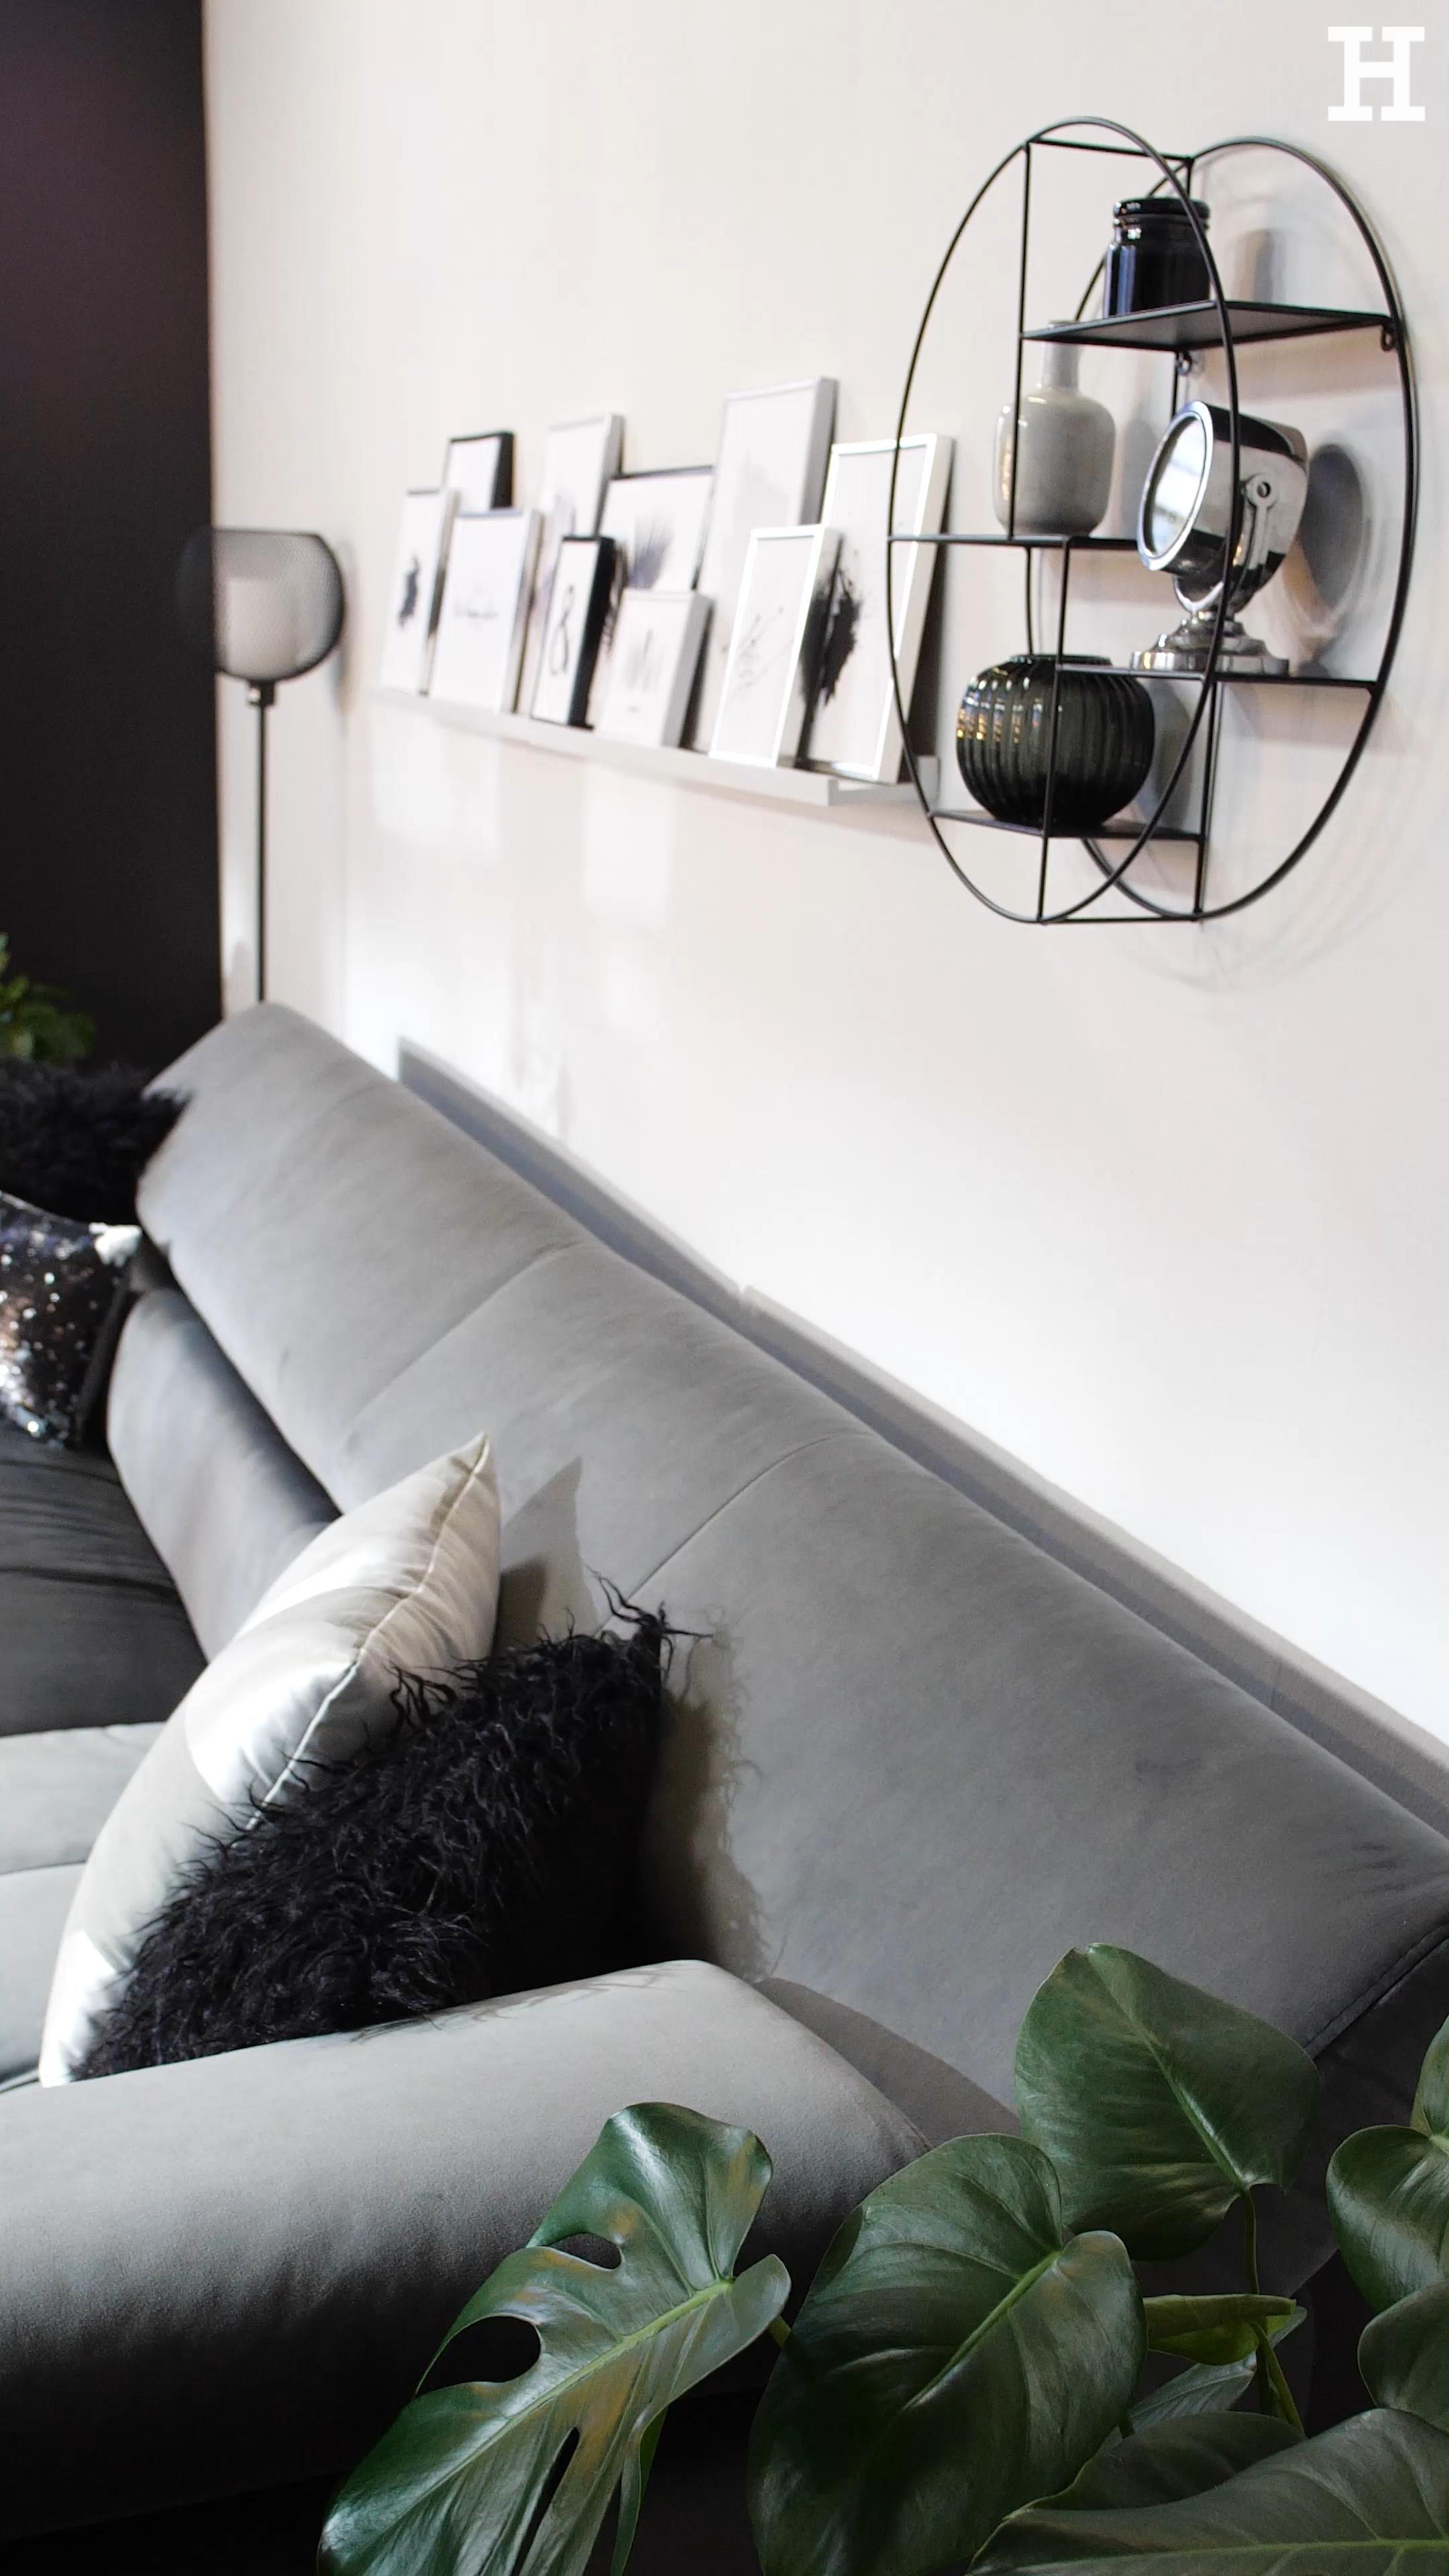 Passende Leuchten zaubern eine stimmungsvolle Atmosphäre in deinem Wohnzimmer